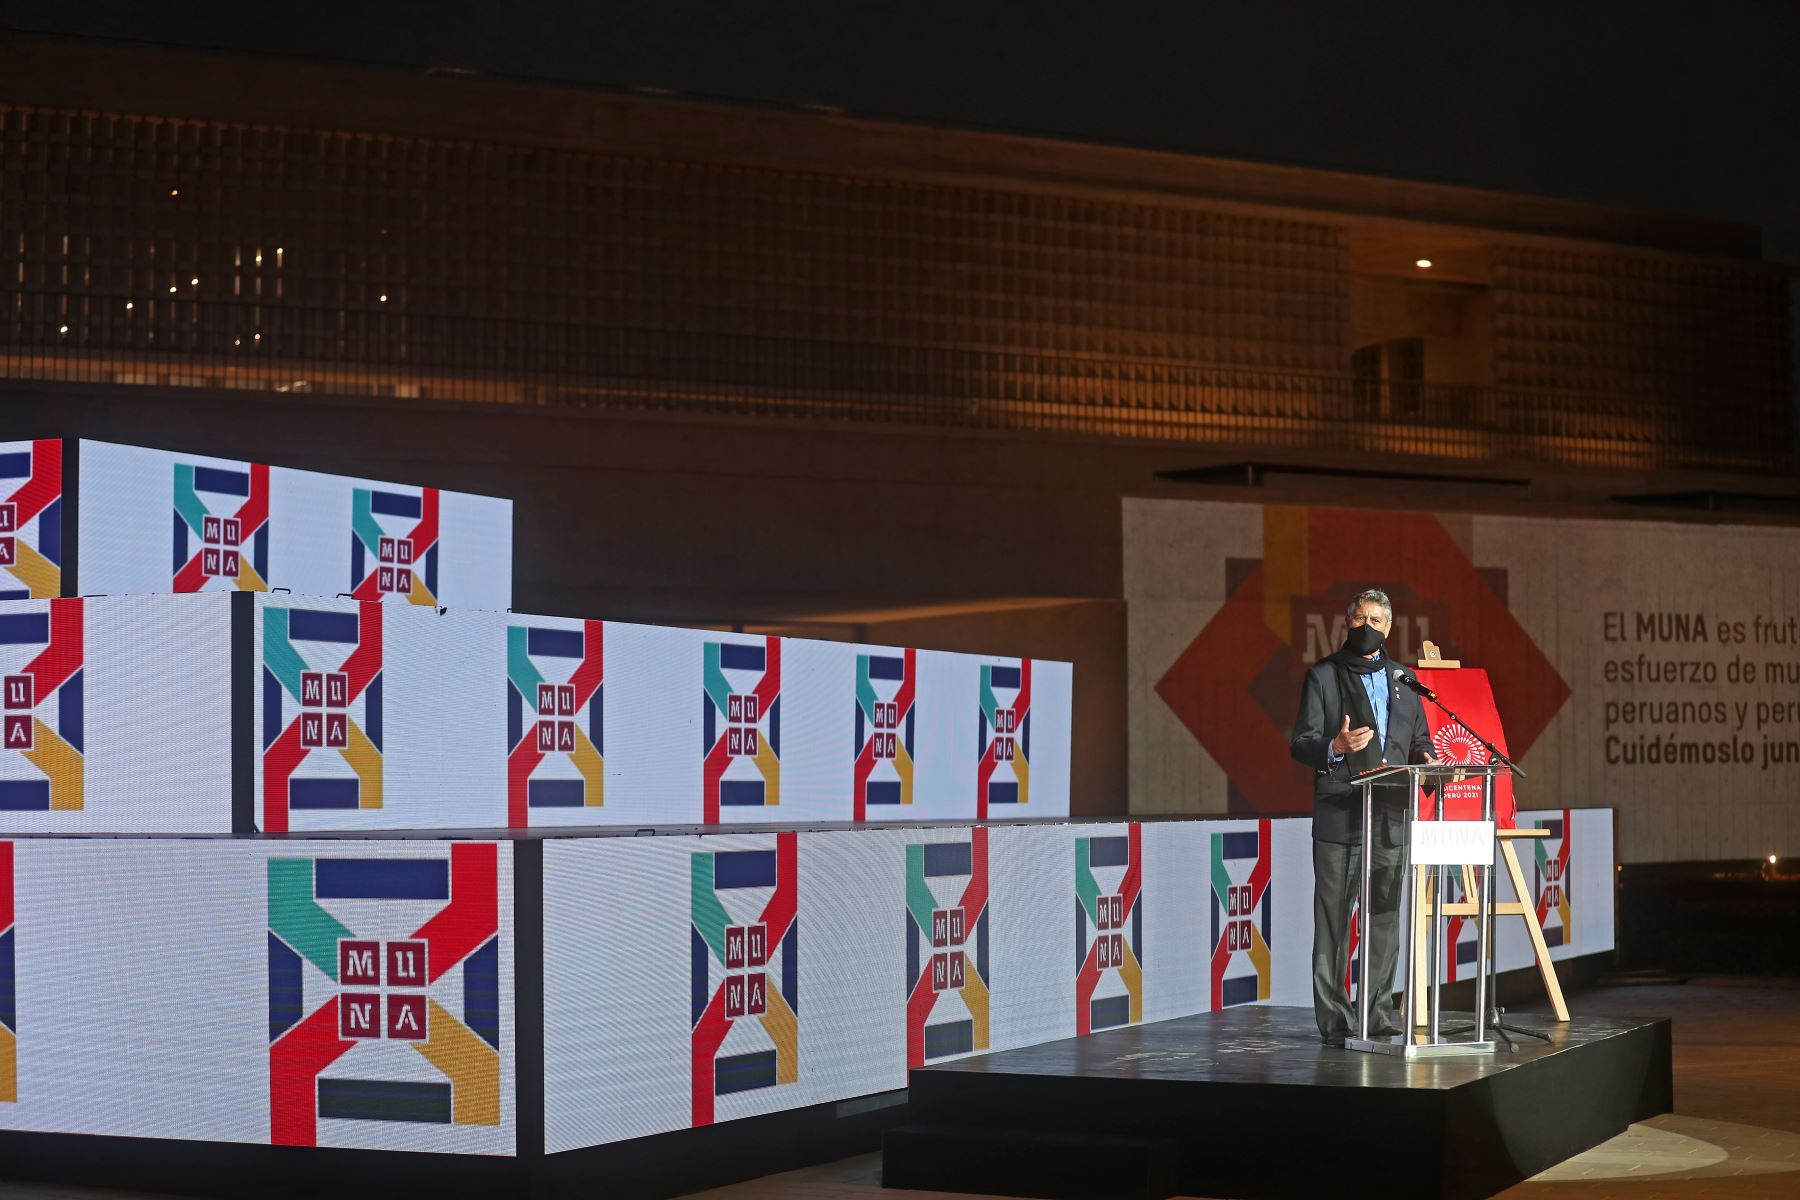 Presidente de la República, Francisco Sagasti, junto con la titular del consejo de ministros, Violeta Bermúdez y el ministro de cultura, Alejandro Neyra, participa en la ceremonia de apertura del del Museo Nacional del Perú. Foto: ANDINA/Presidencia Perú